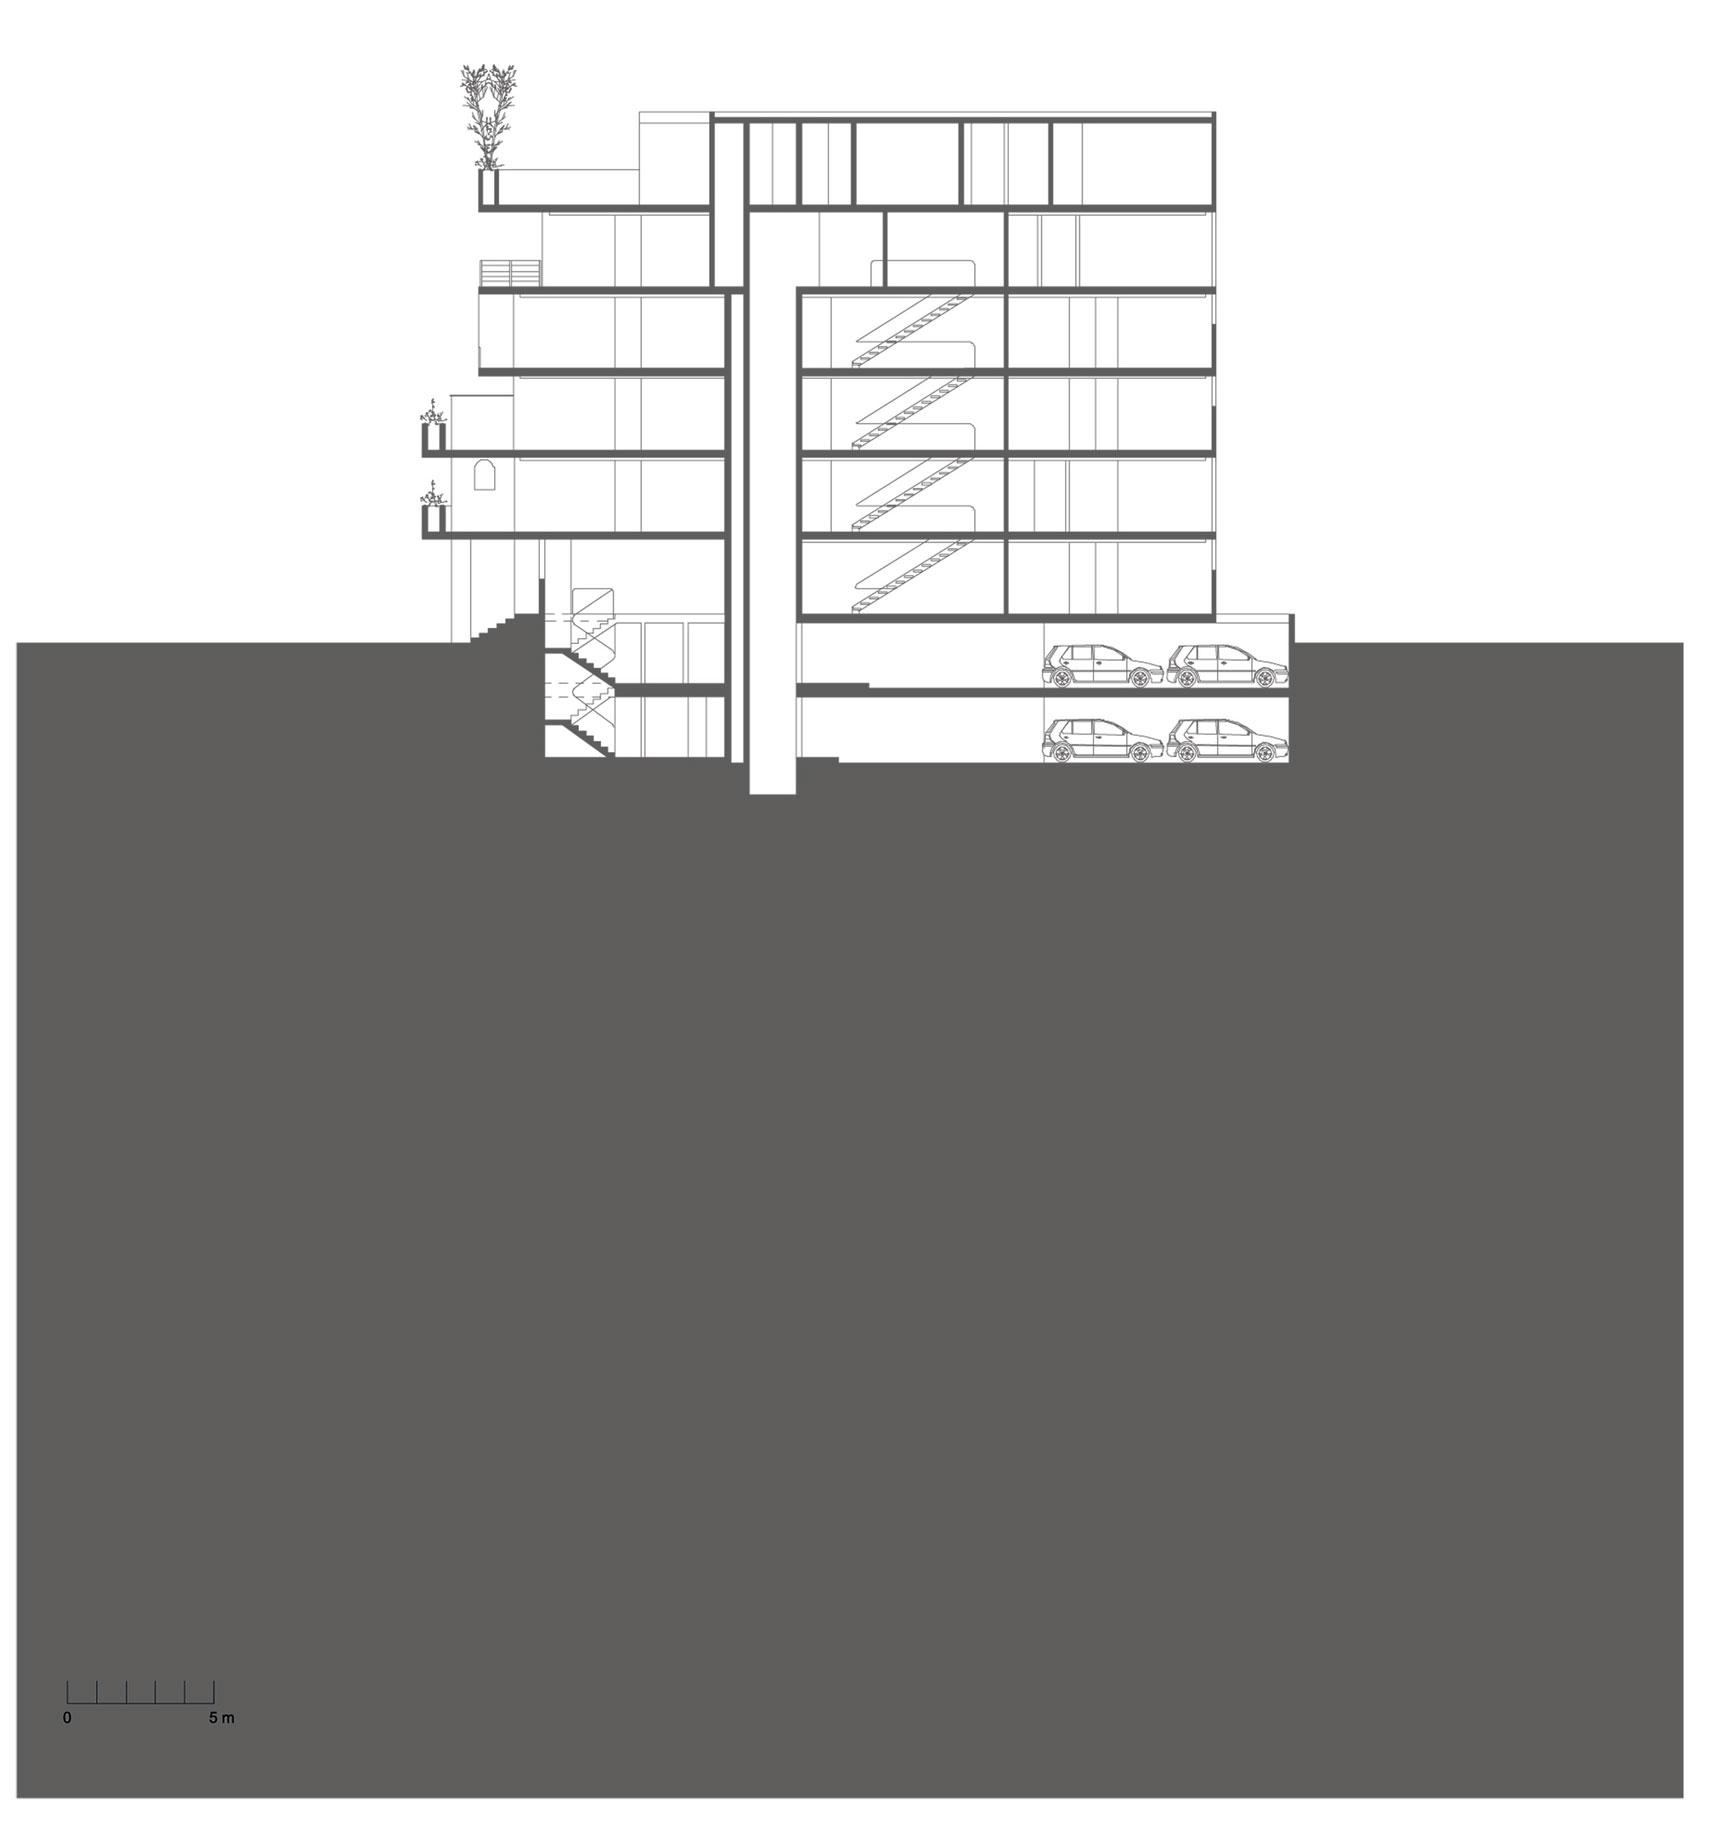 Art Deco Amsterdam Building by Jorge Hernández de la Garza-27